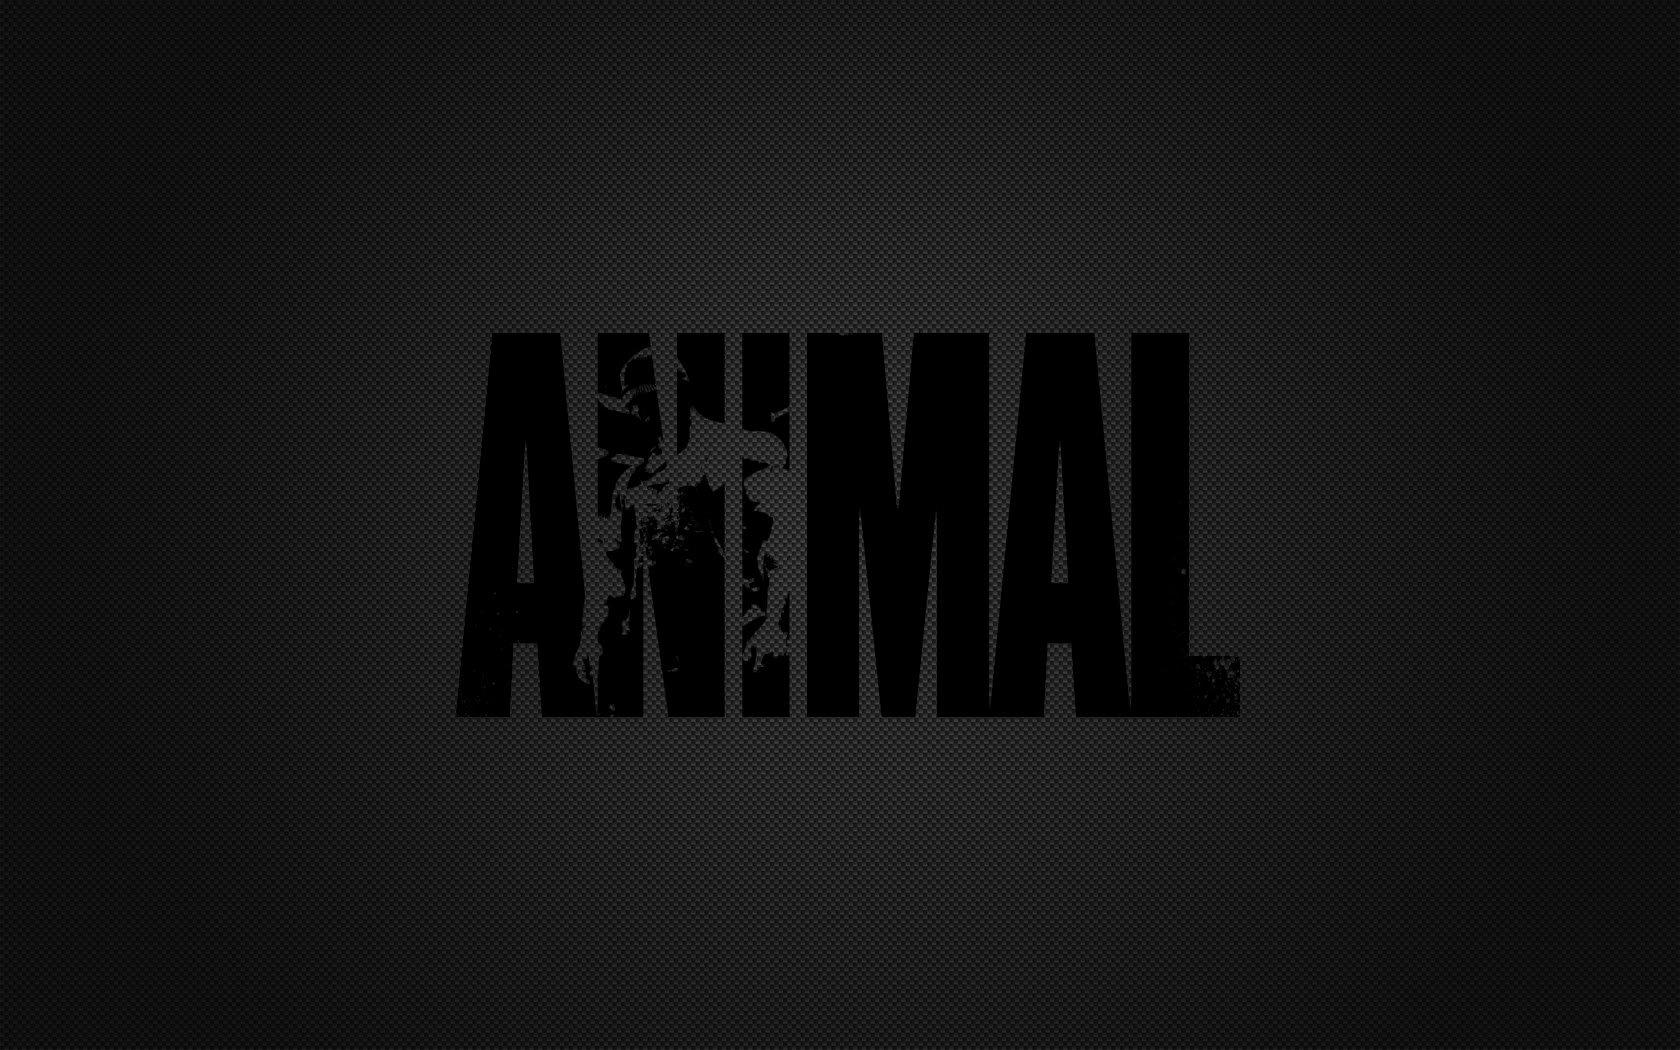 Animal Pak Wallpaper - WallpaperSafari